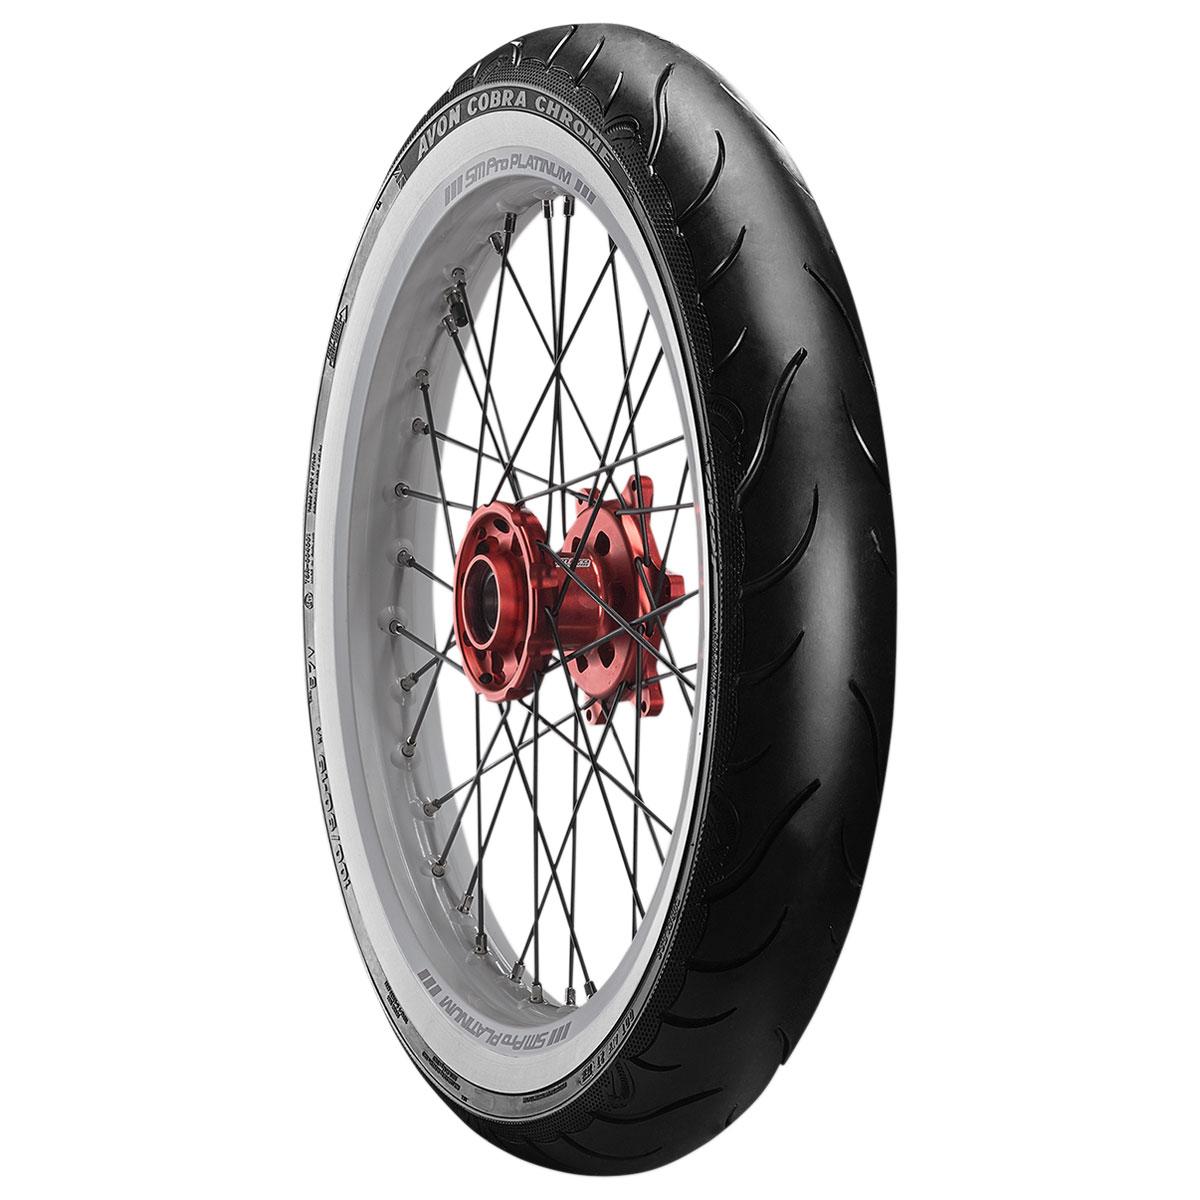 Avon AV91 Cobra Chrome MT90B16 Wide Whitewall Front Tire